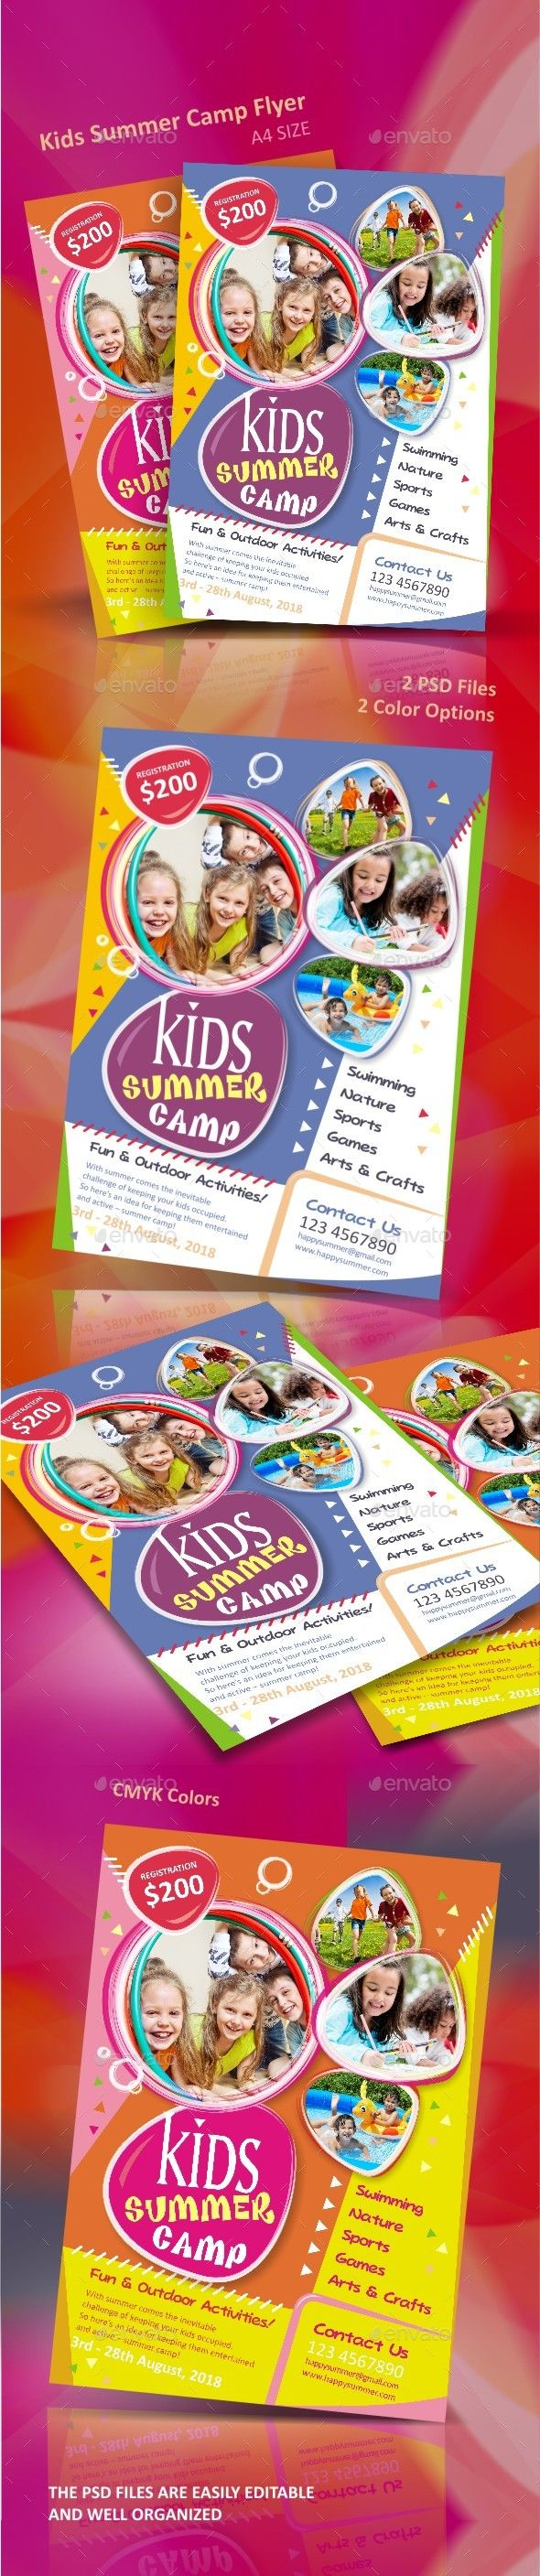 Kids Summer Camp Flyer | Volantes, Actividades escolares y Anuarios